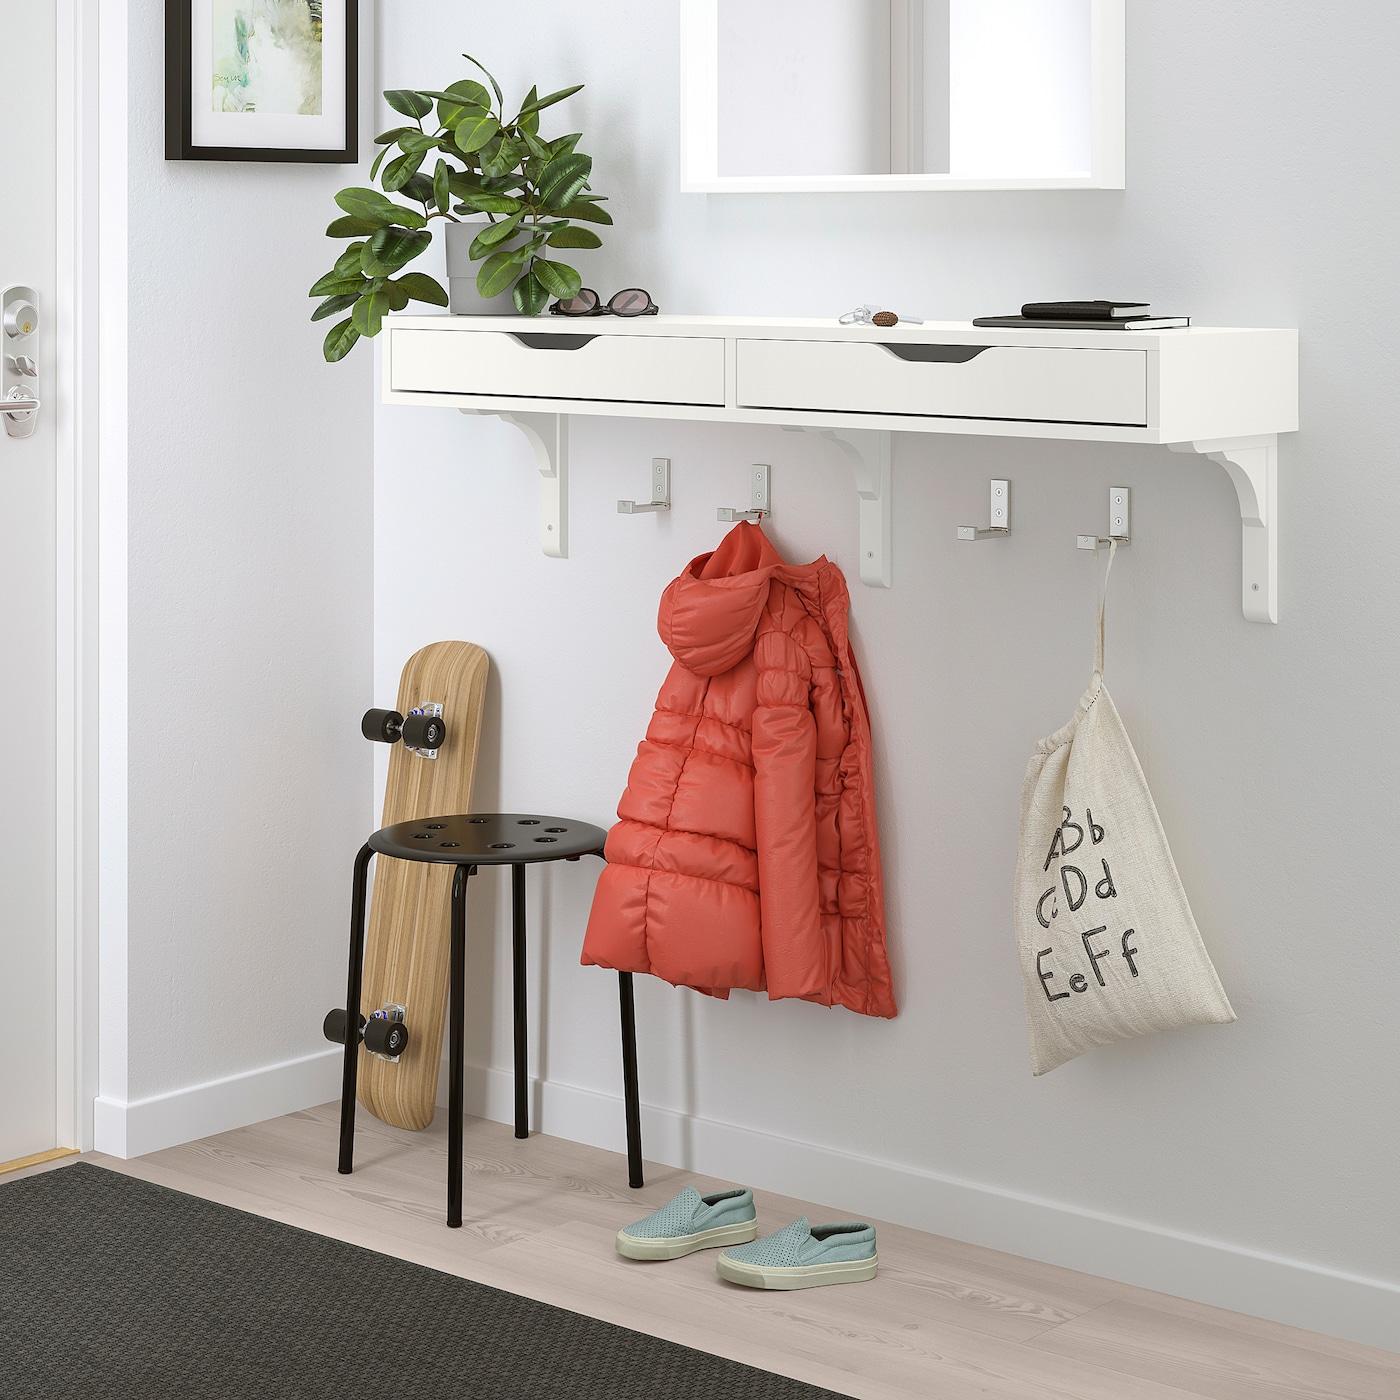 Ekby Alex White Shelf With Drawers 119x29 Cm Ikea